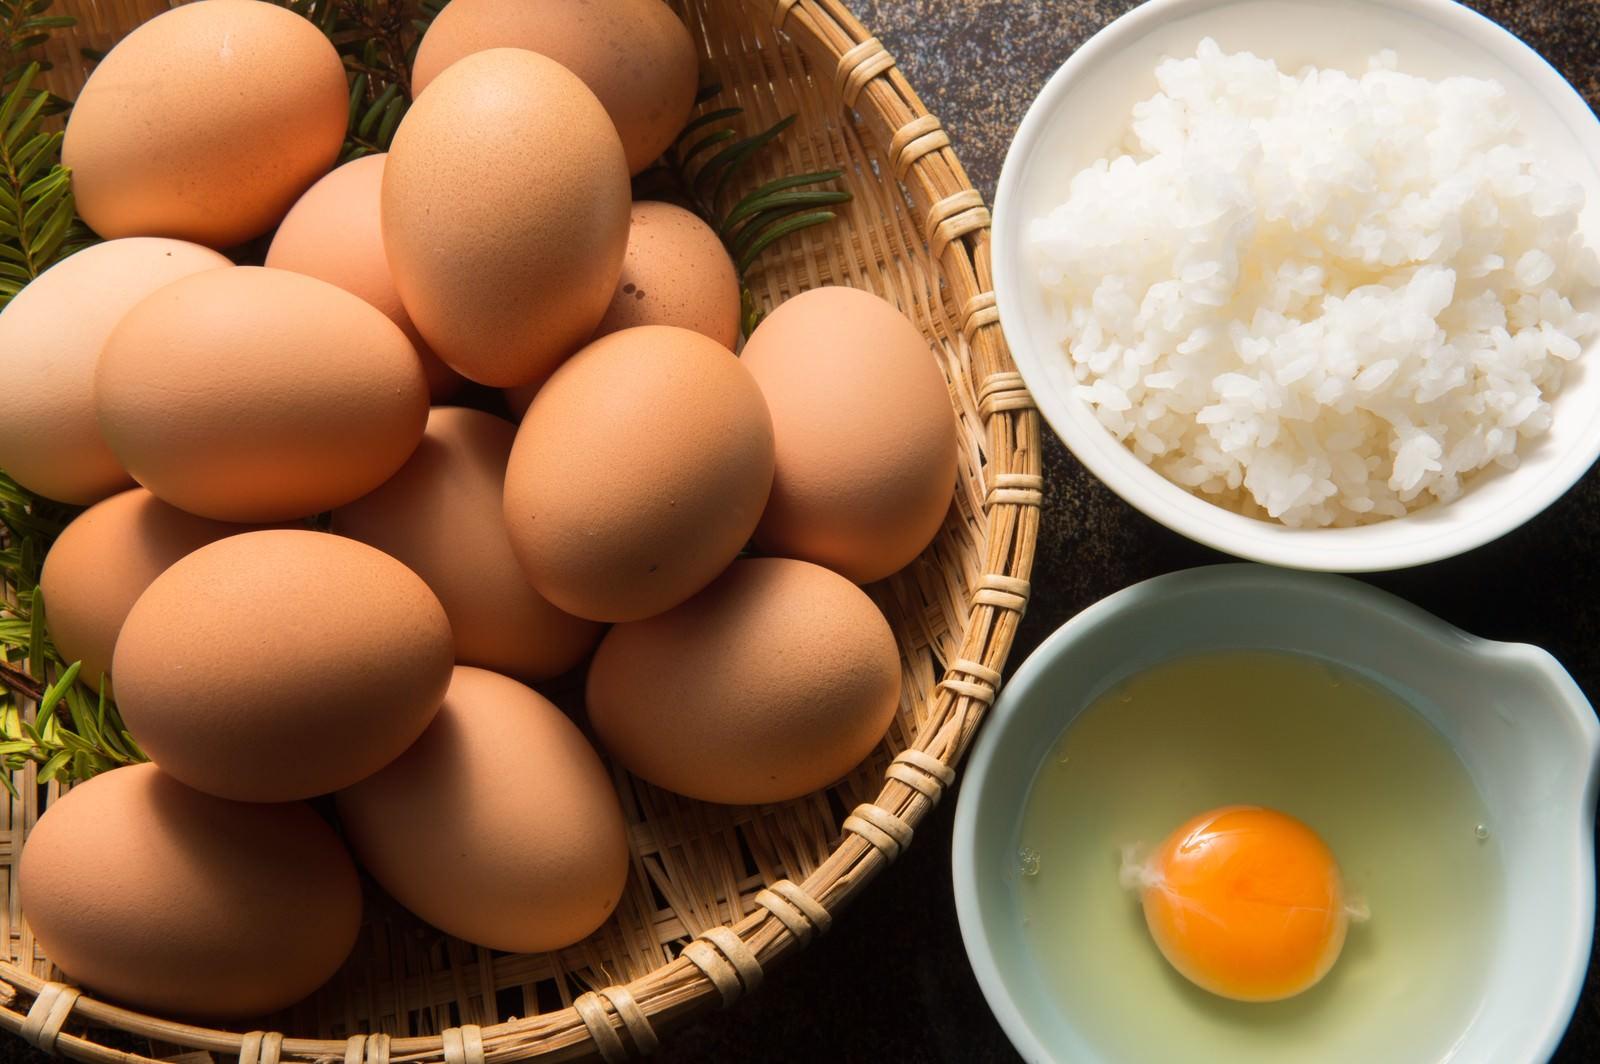 「朝から腹一体食べたい大食漢には「栄太郎」の卵かけご飯(TKG)」の写真